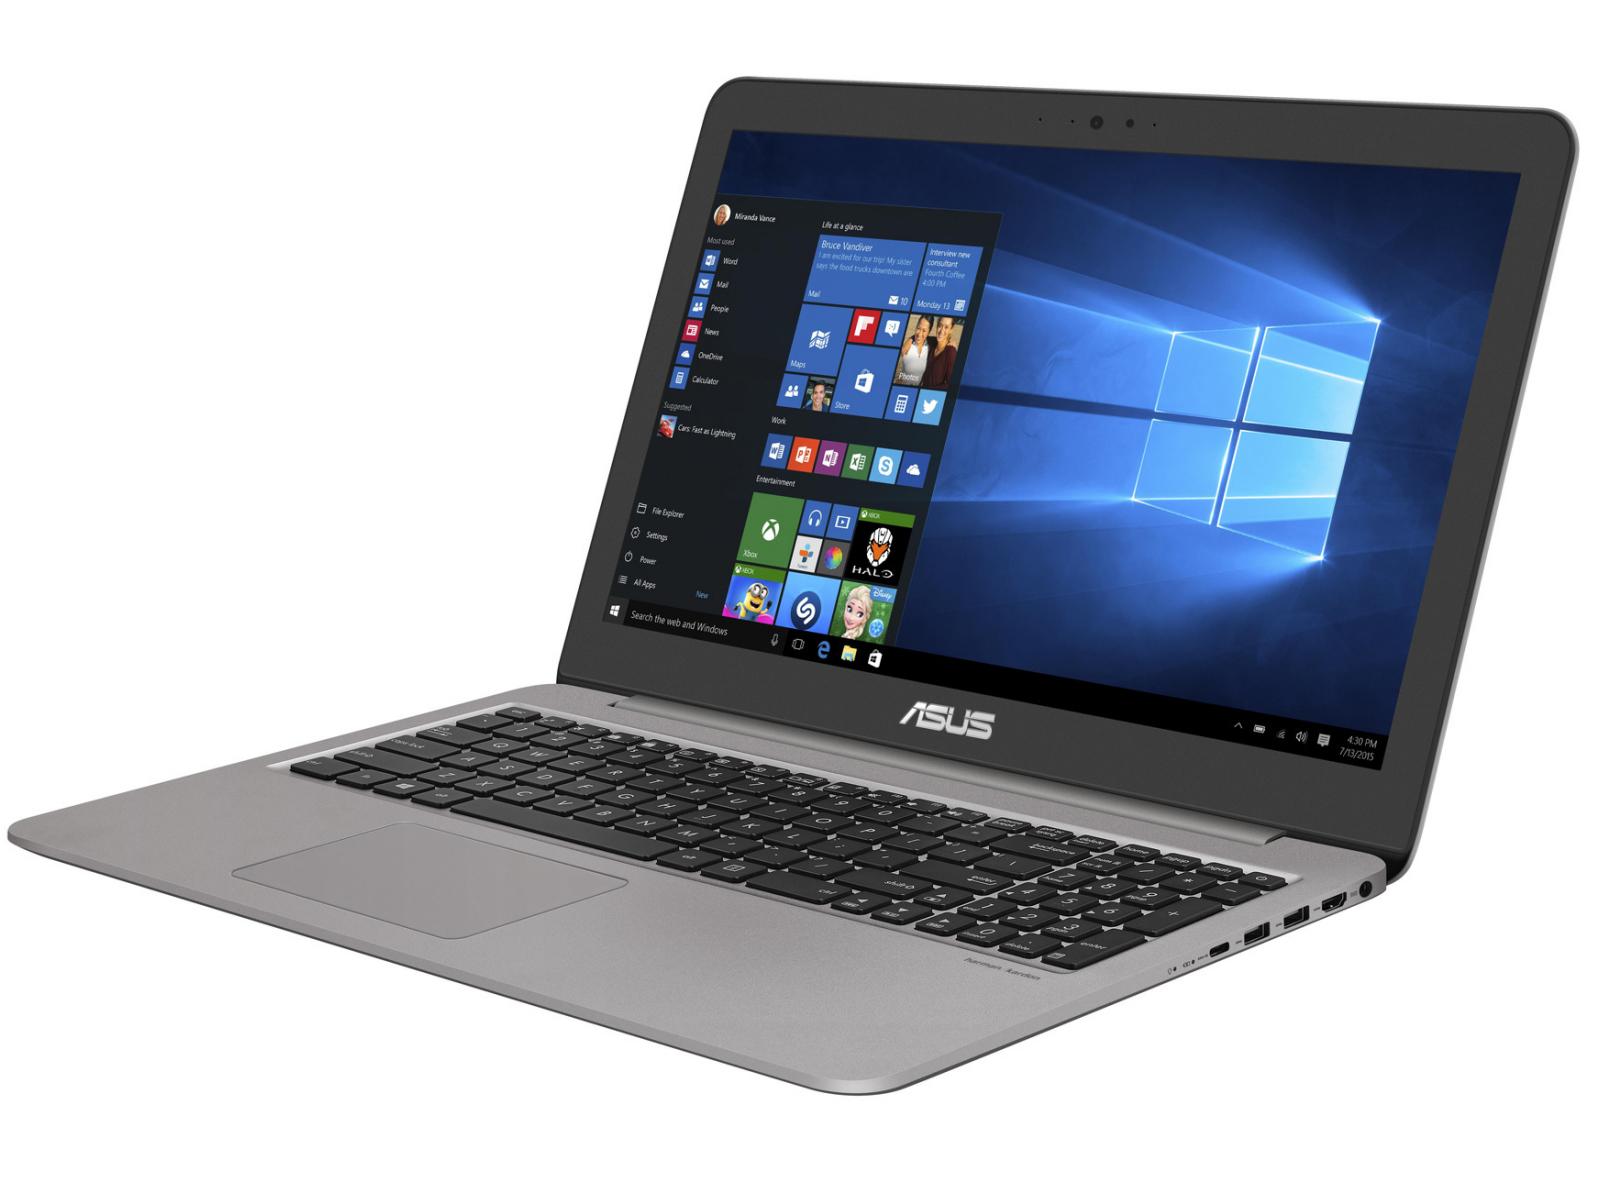 ASUS ZENBOOK UX510UW DRIVER FOR PC